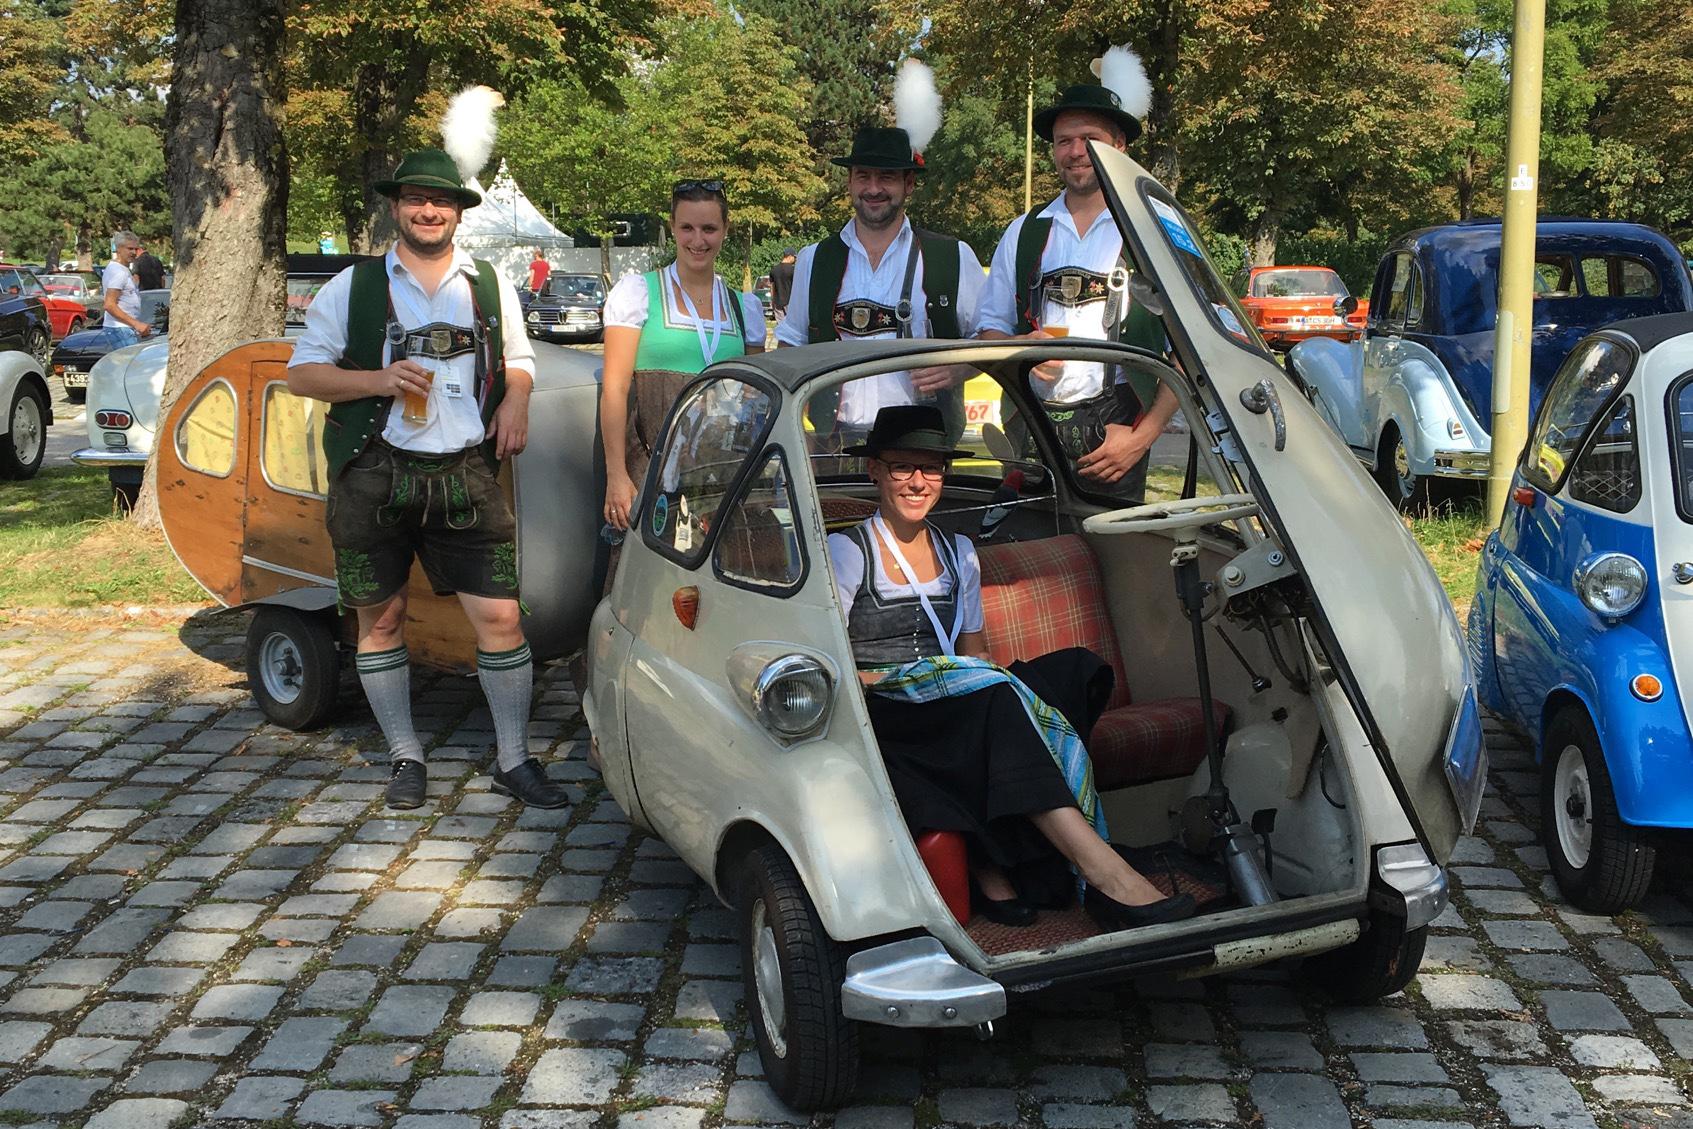 unterdarchinger-musi-bmw-festival-1